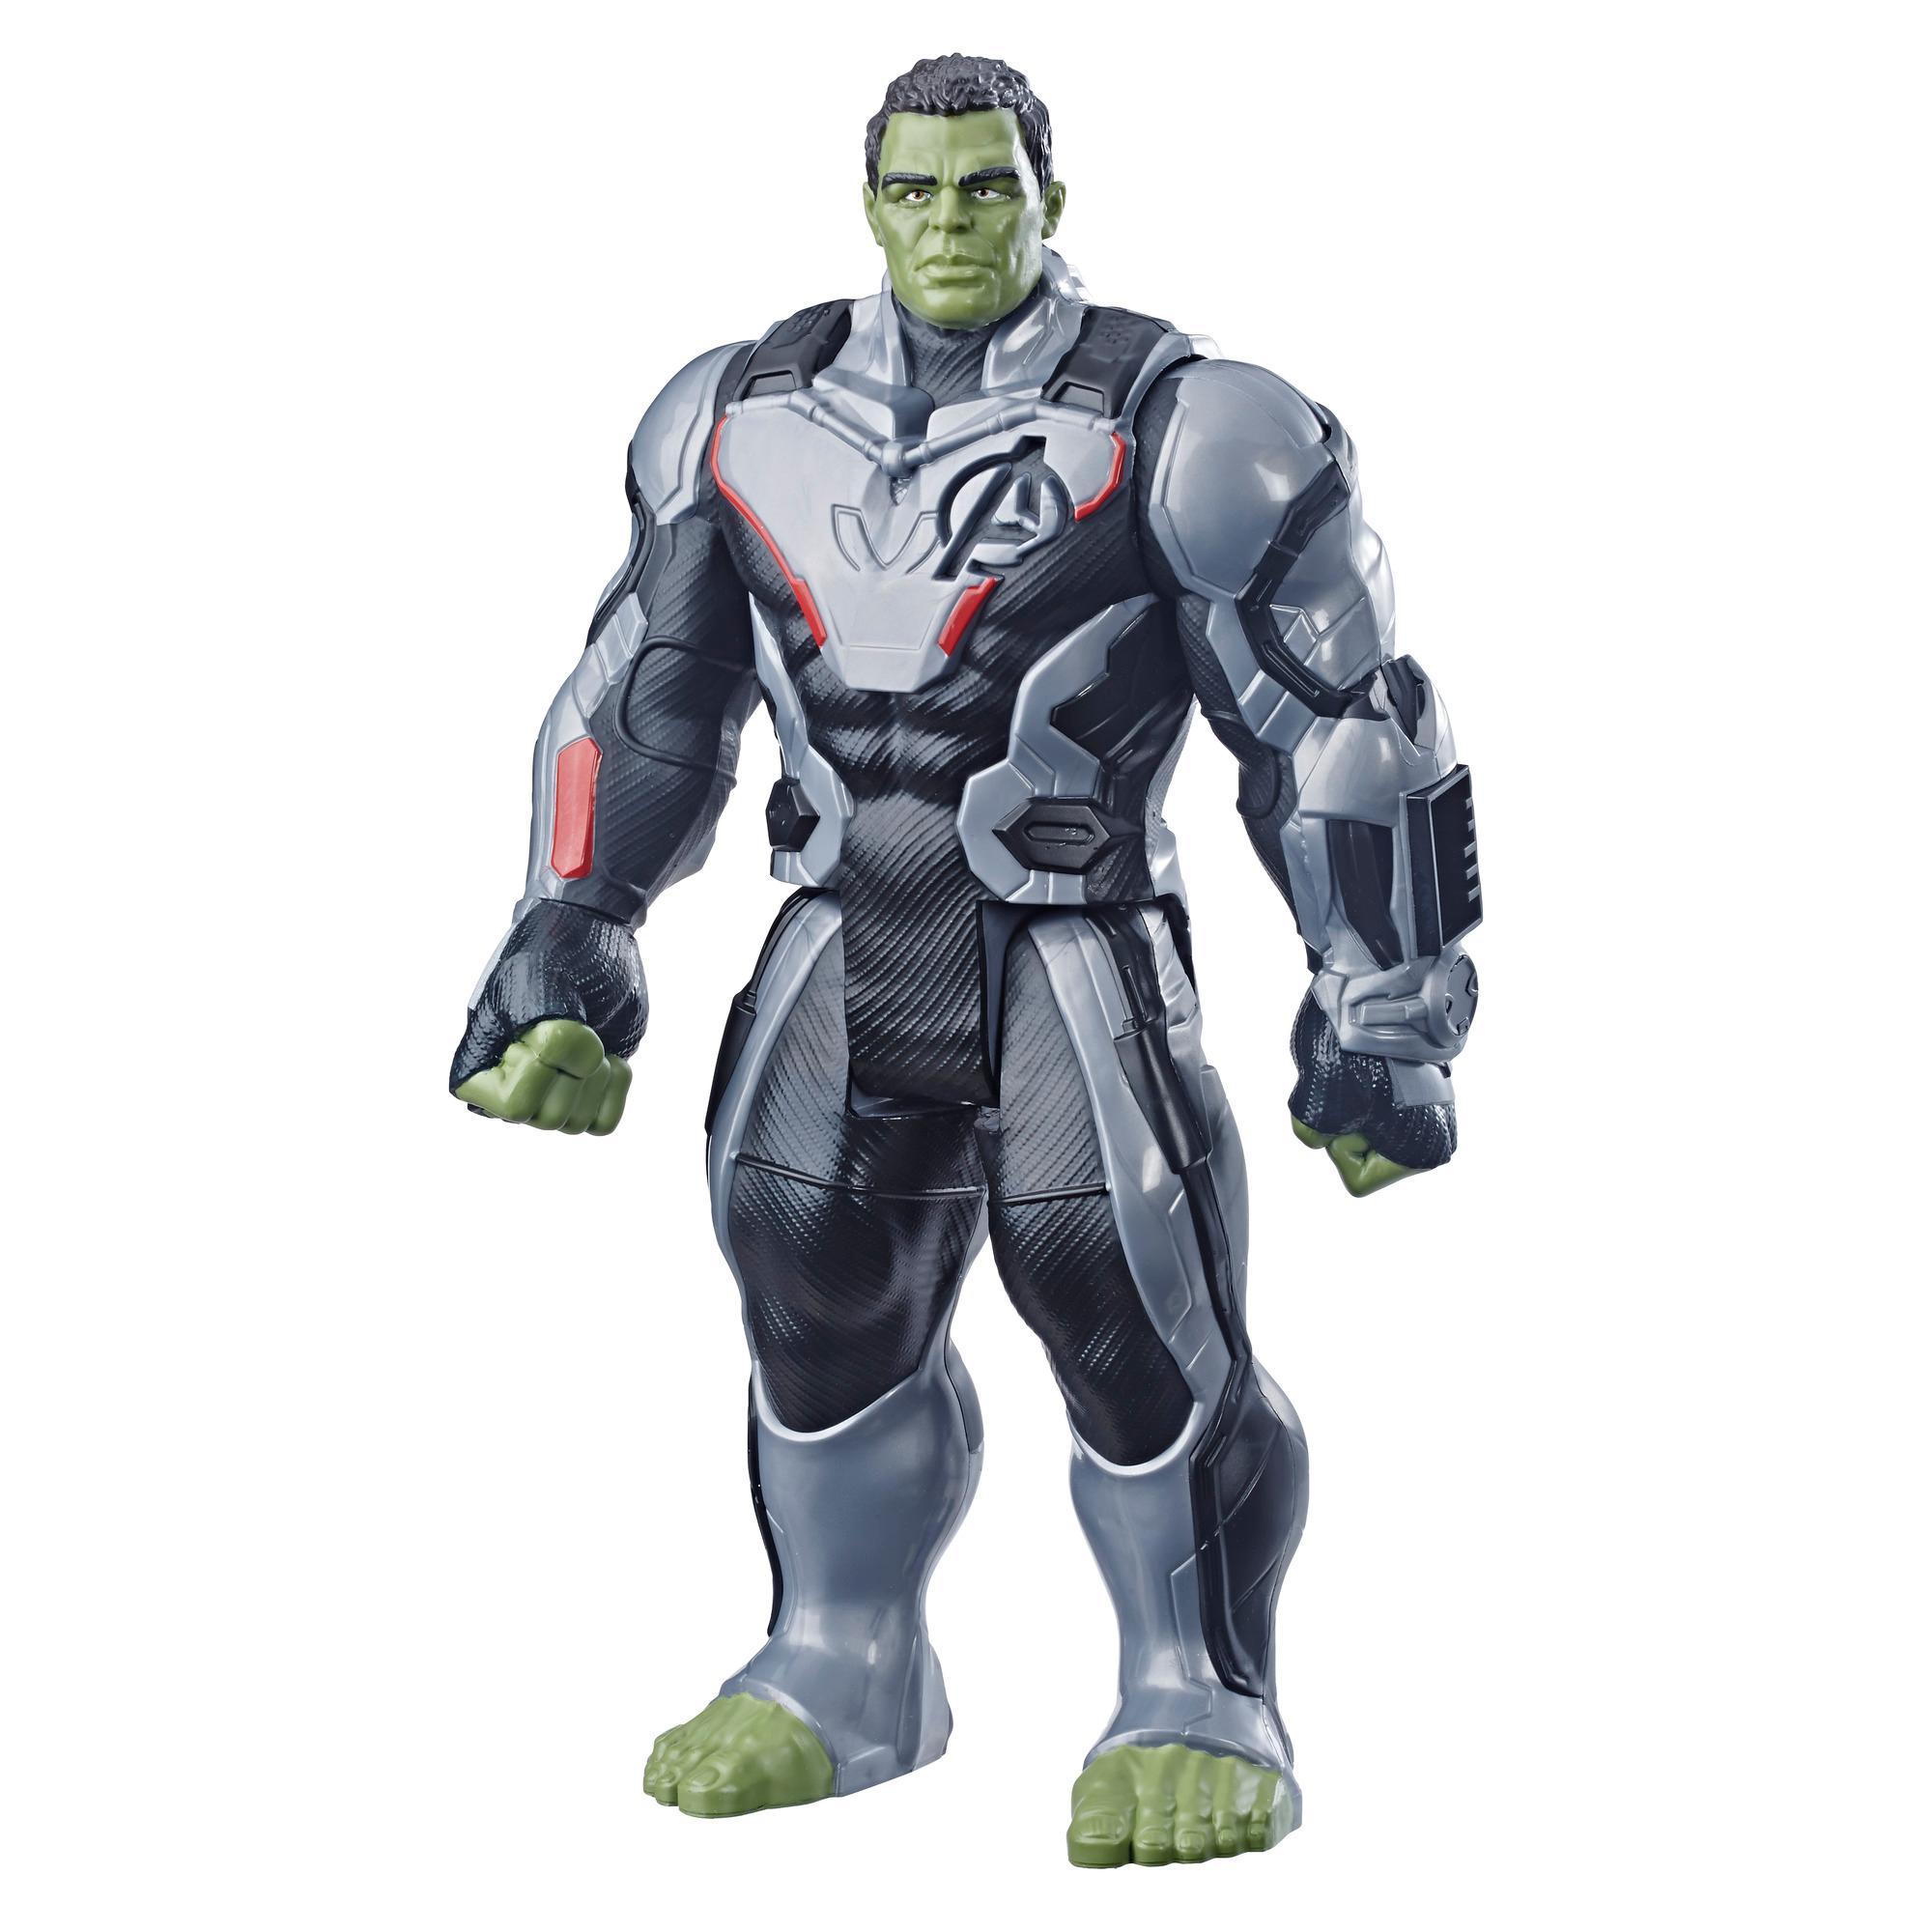 Marvel Avengers: Endgame Titan Hero Hulk Özel Figür